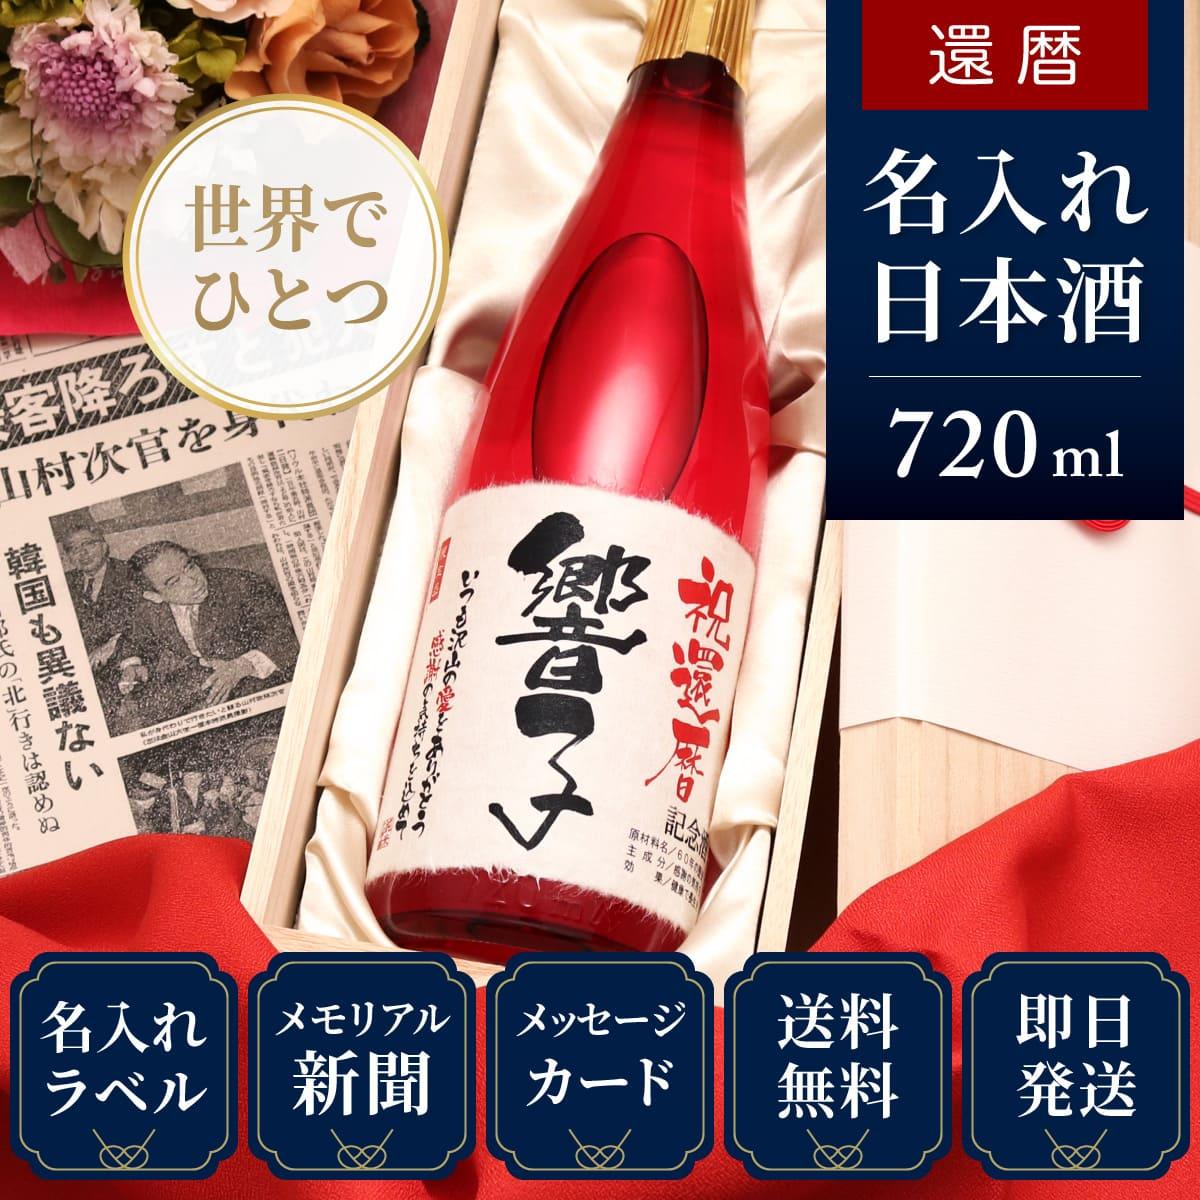 還暦のプレゼント「華一輪」母親向けギフト(日本酒)